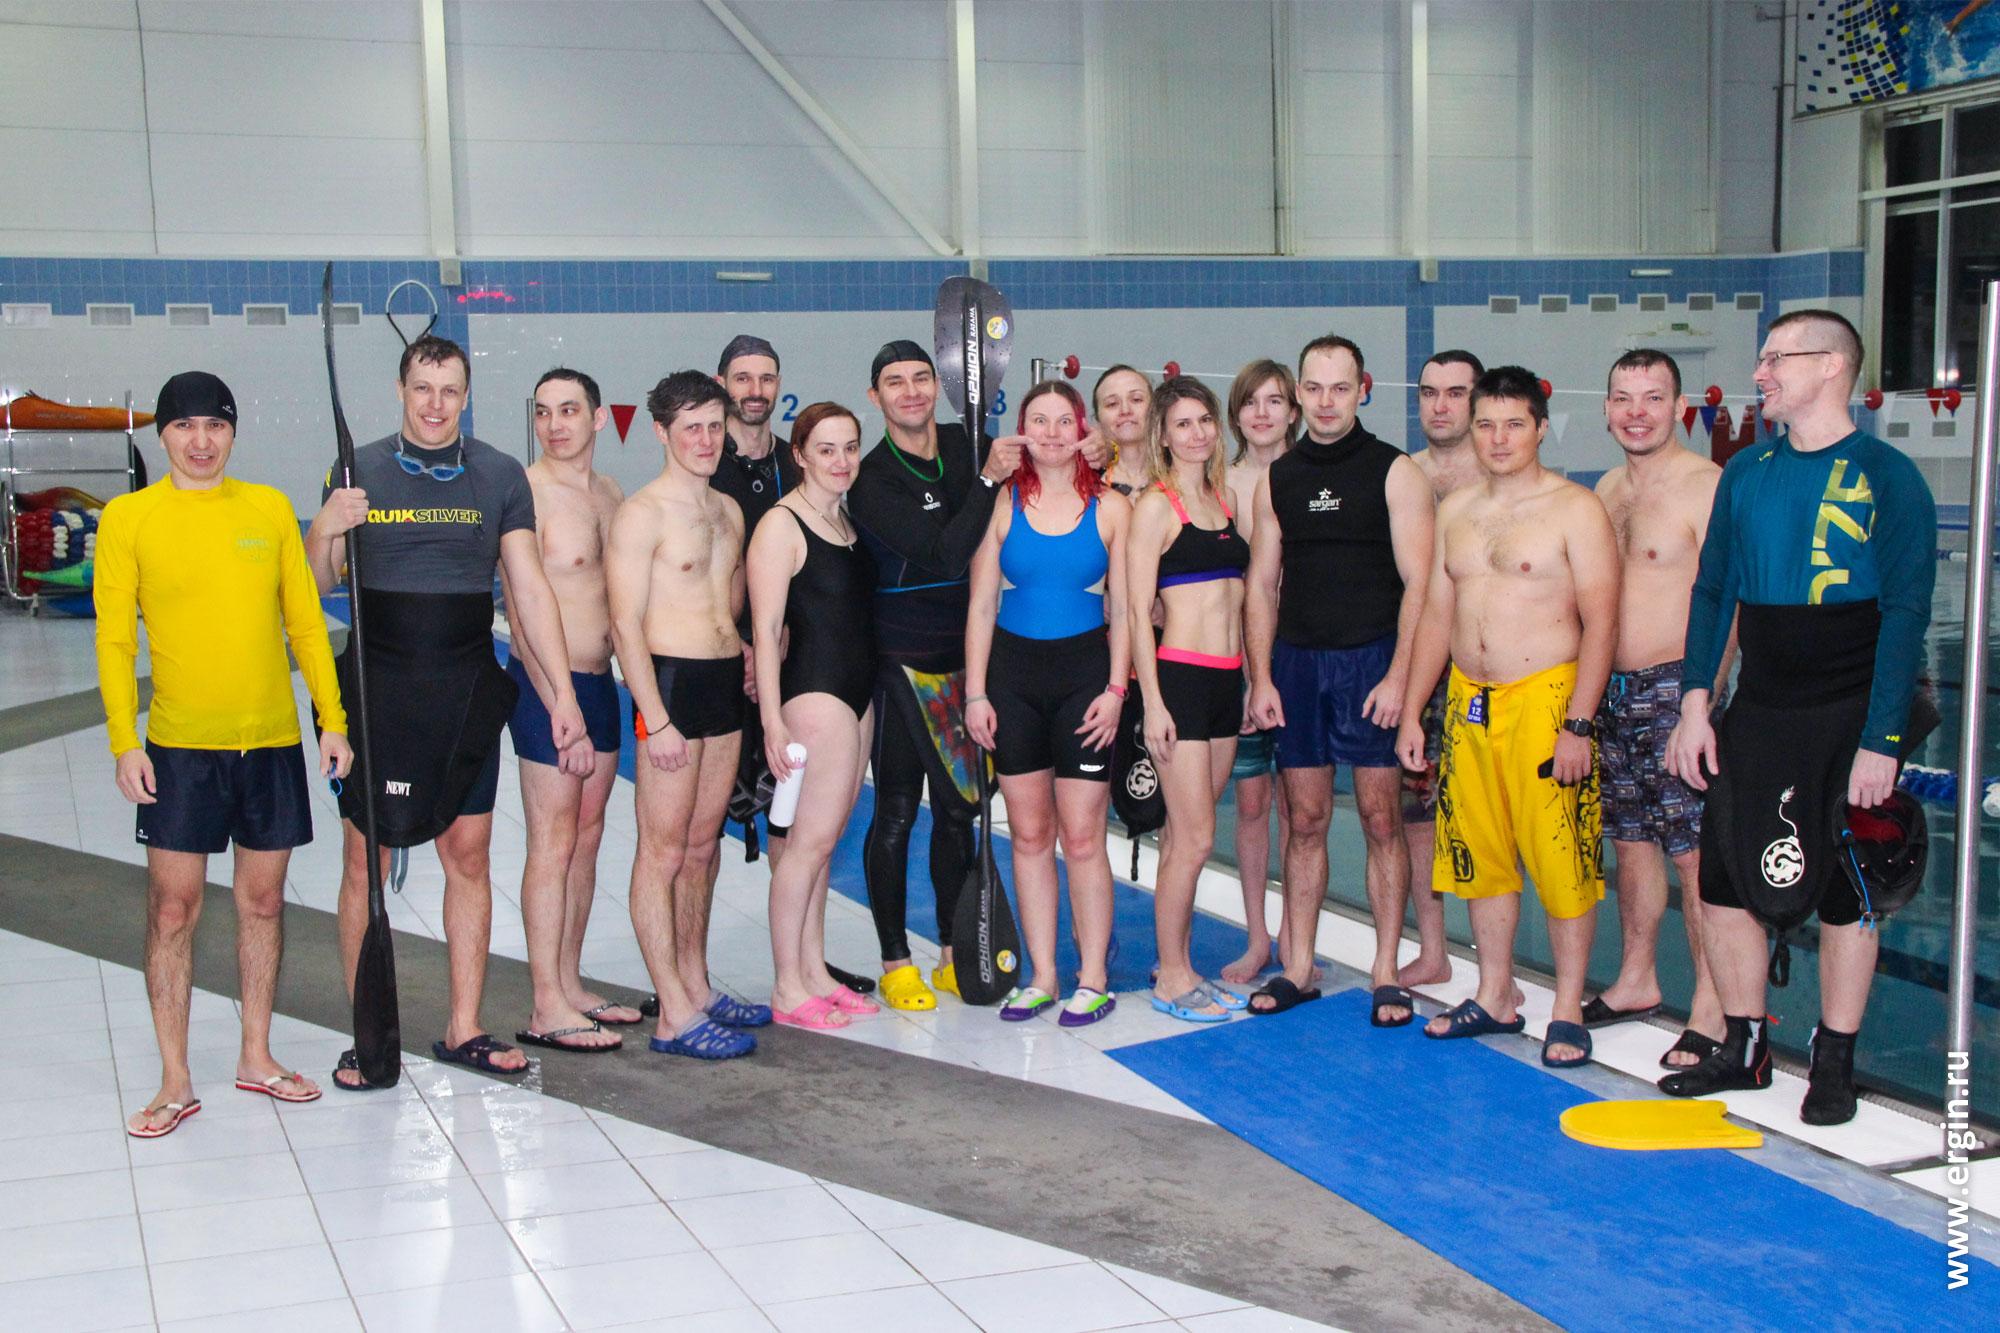 Выездное обучение каякингу в бассейне Саратова